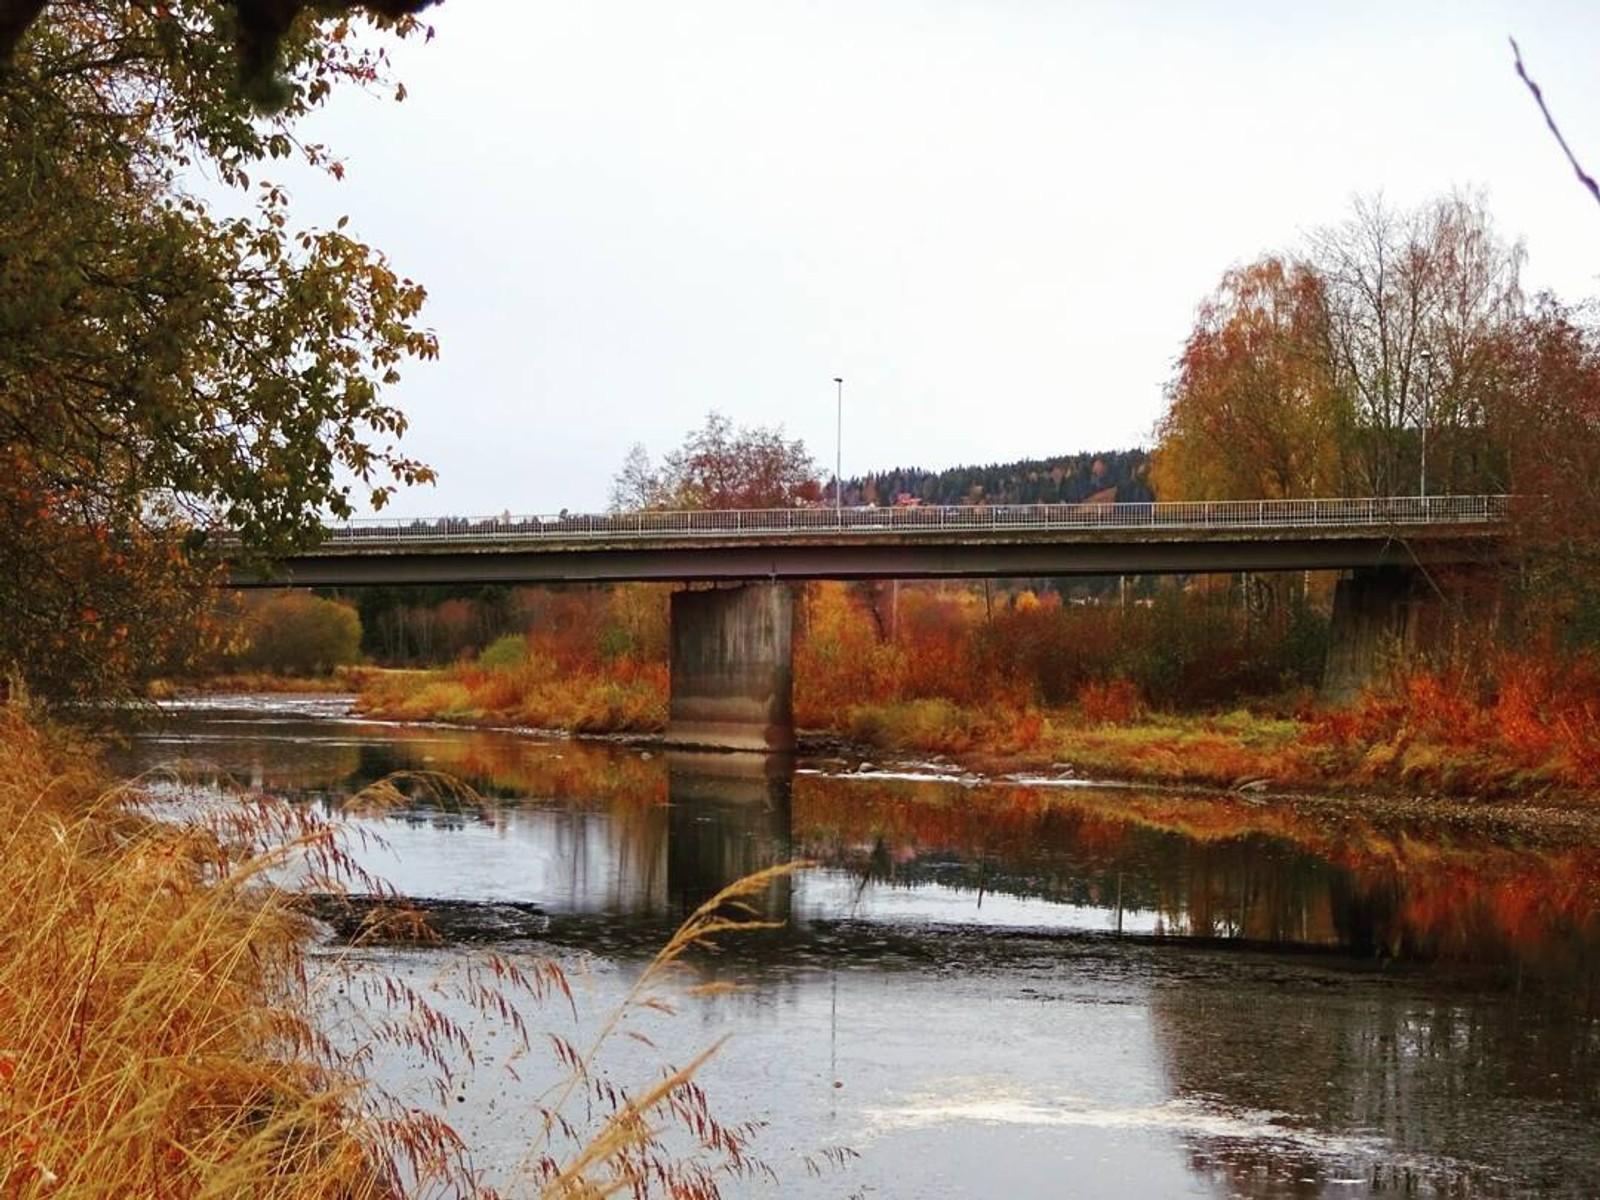 Sterke høstfarger ved elva Ogna i Steinkjer. Bildet er delt av @arnulfass på instagram med emneknaggen #nrktrøndelag.